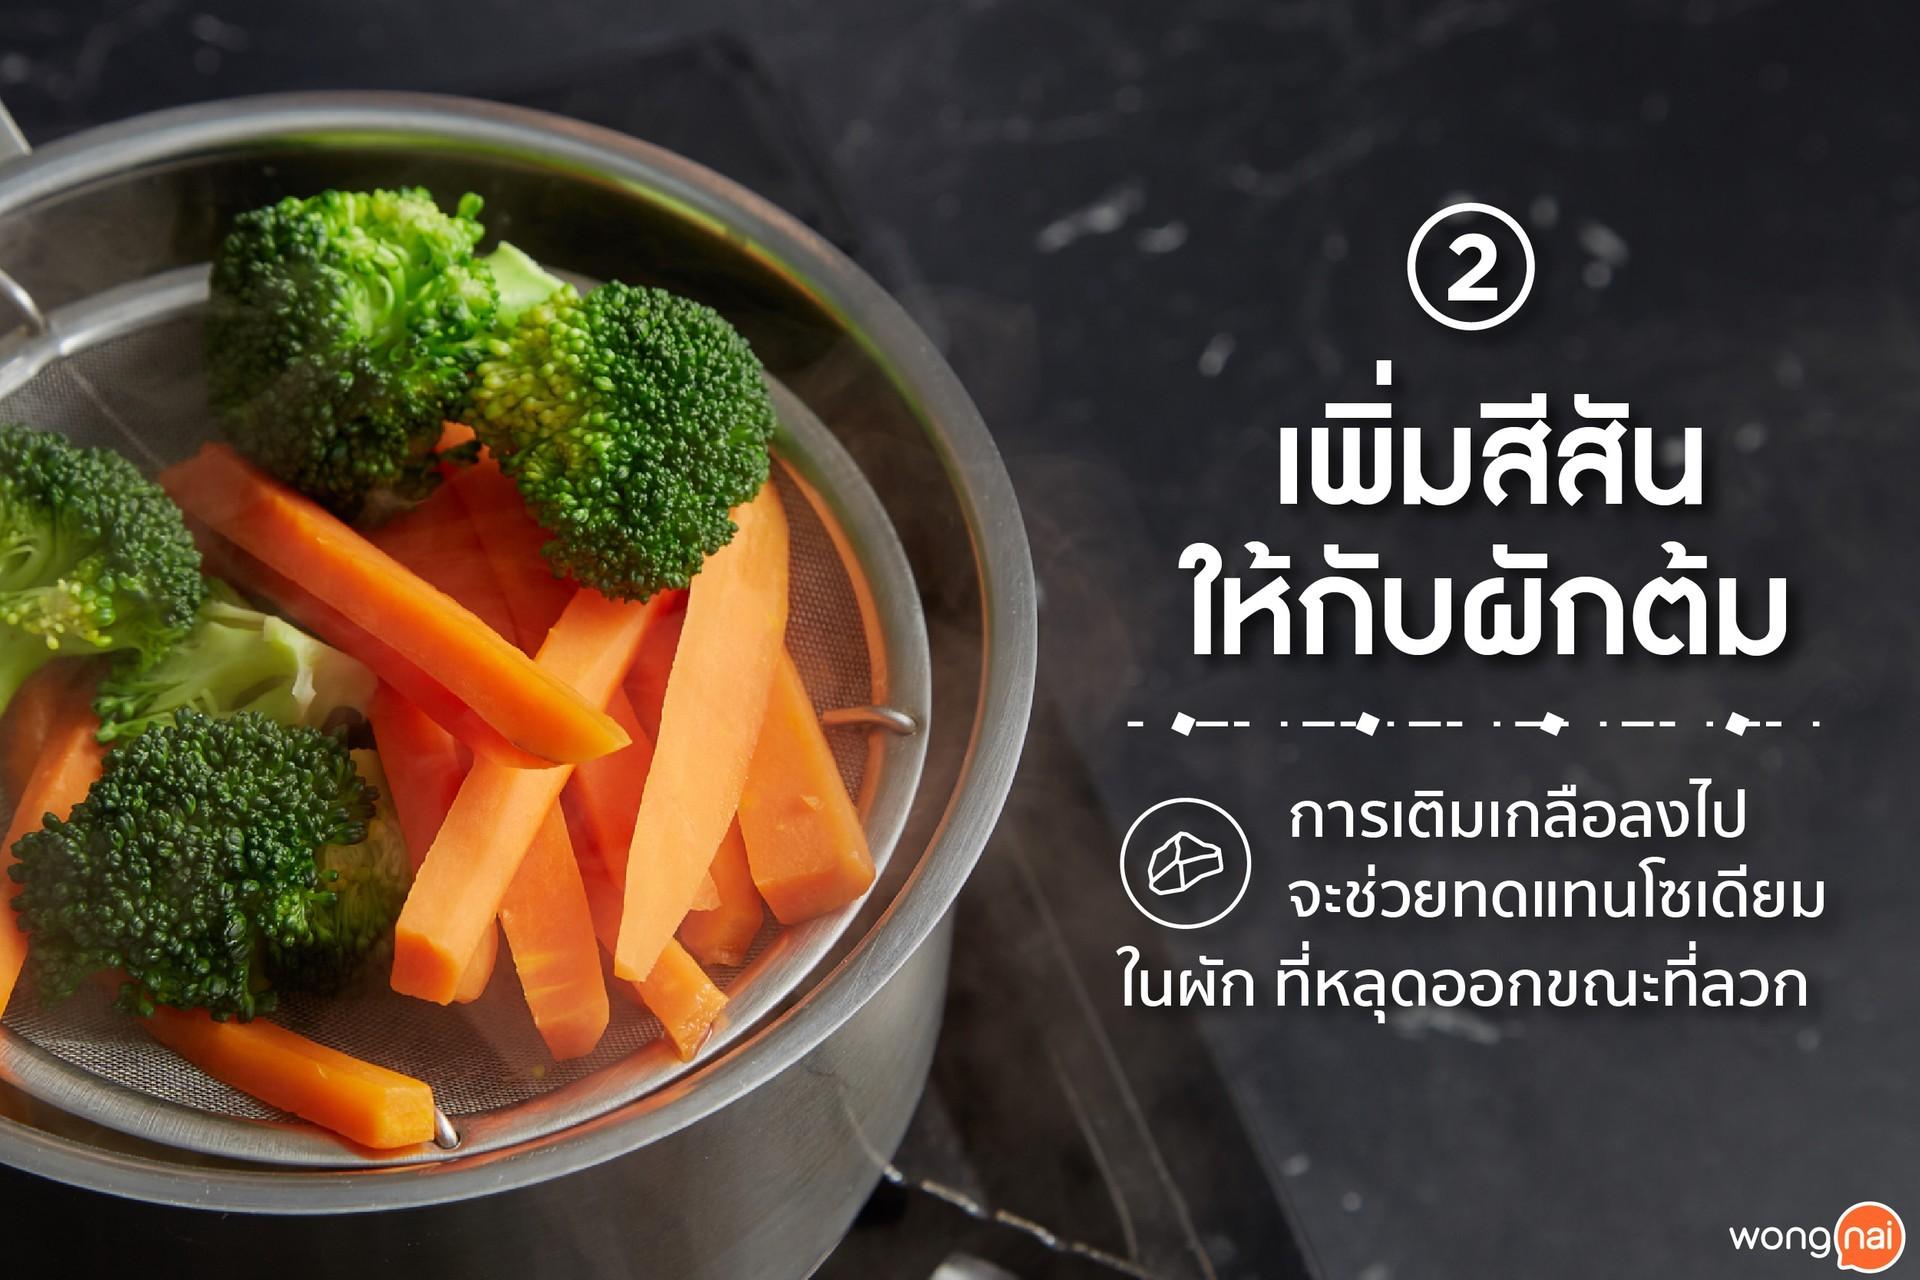 เกลือช่วยเพิ่มสีสันให้กับผักต้ม